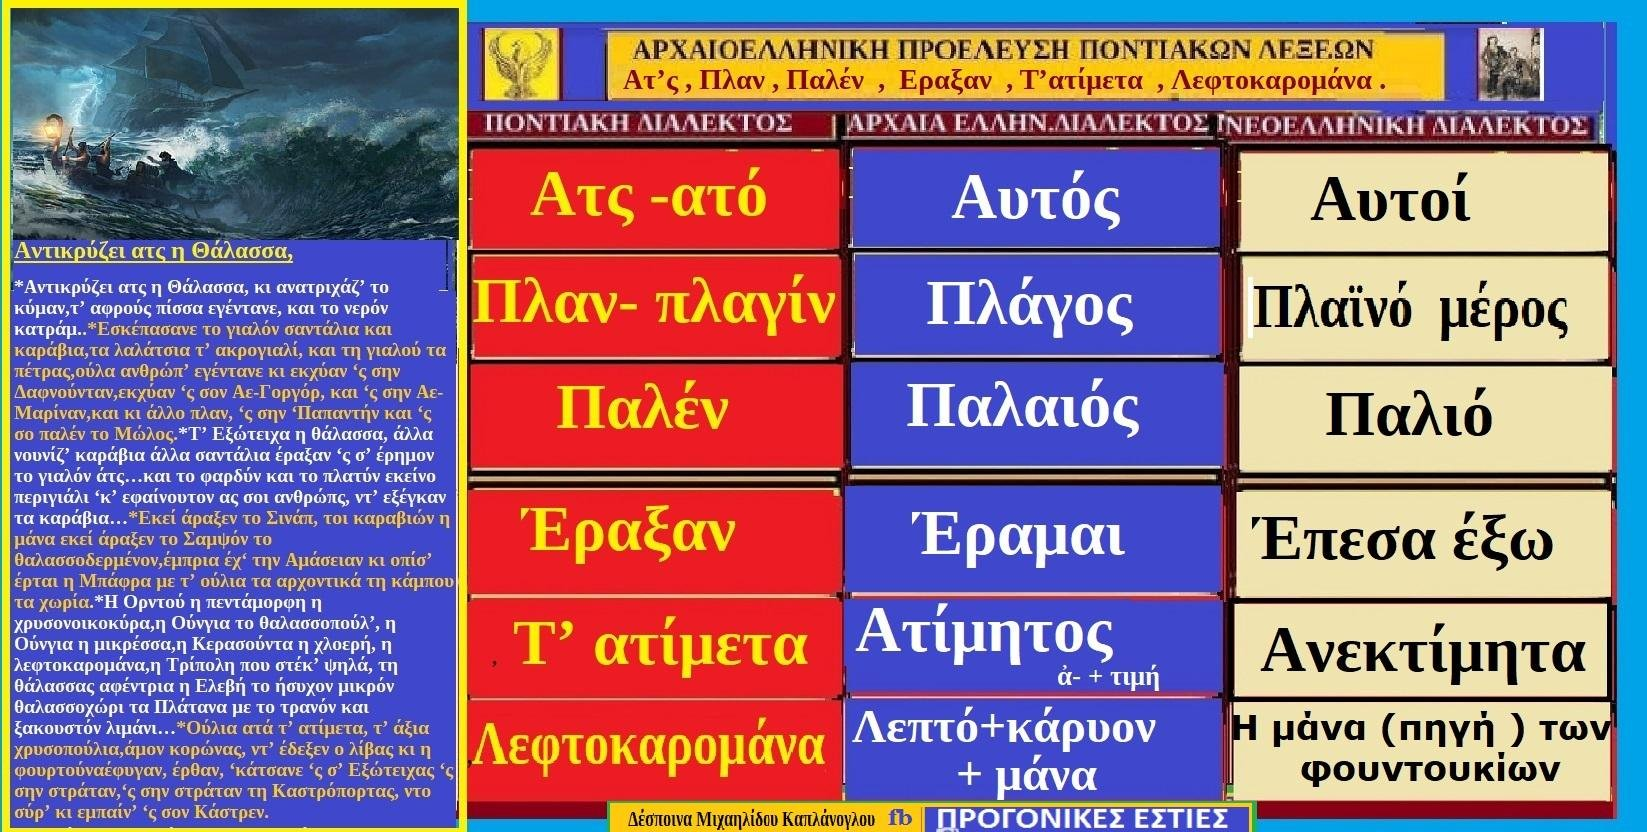 Λέξεις και φράσεις τη ποντιακής διαλέκτου με αρχαιοελληνικές ρίζες Ατ'ς, Πλαν, Παλέν, Εραξαν Τ' ατίμετα, Λεφτοκαρομάνα, – Της Δέσποινας Μιχαηλίδου Καπλάνογλου